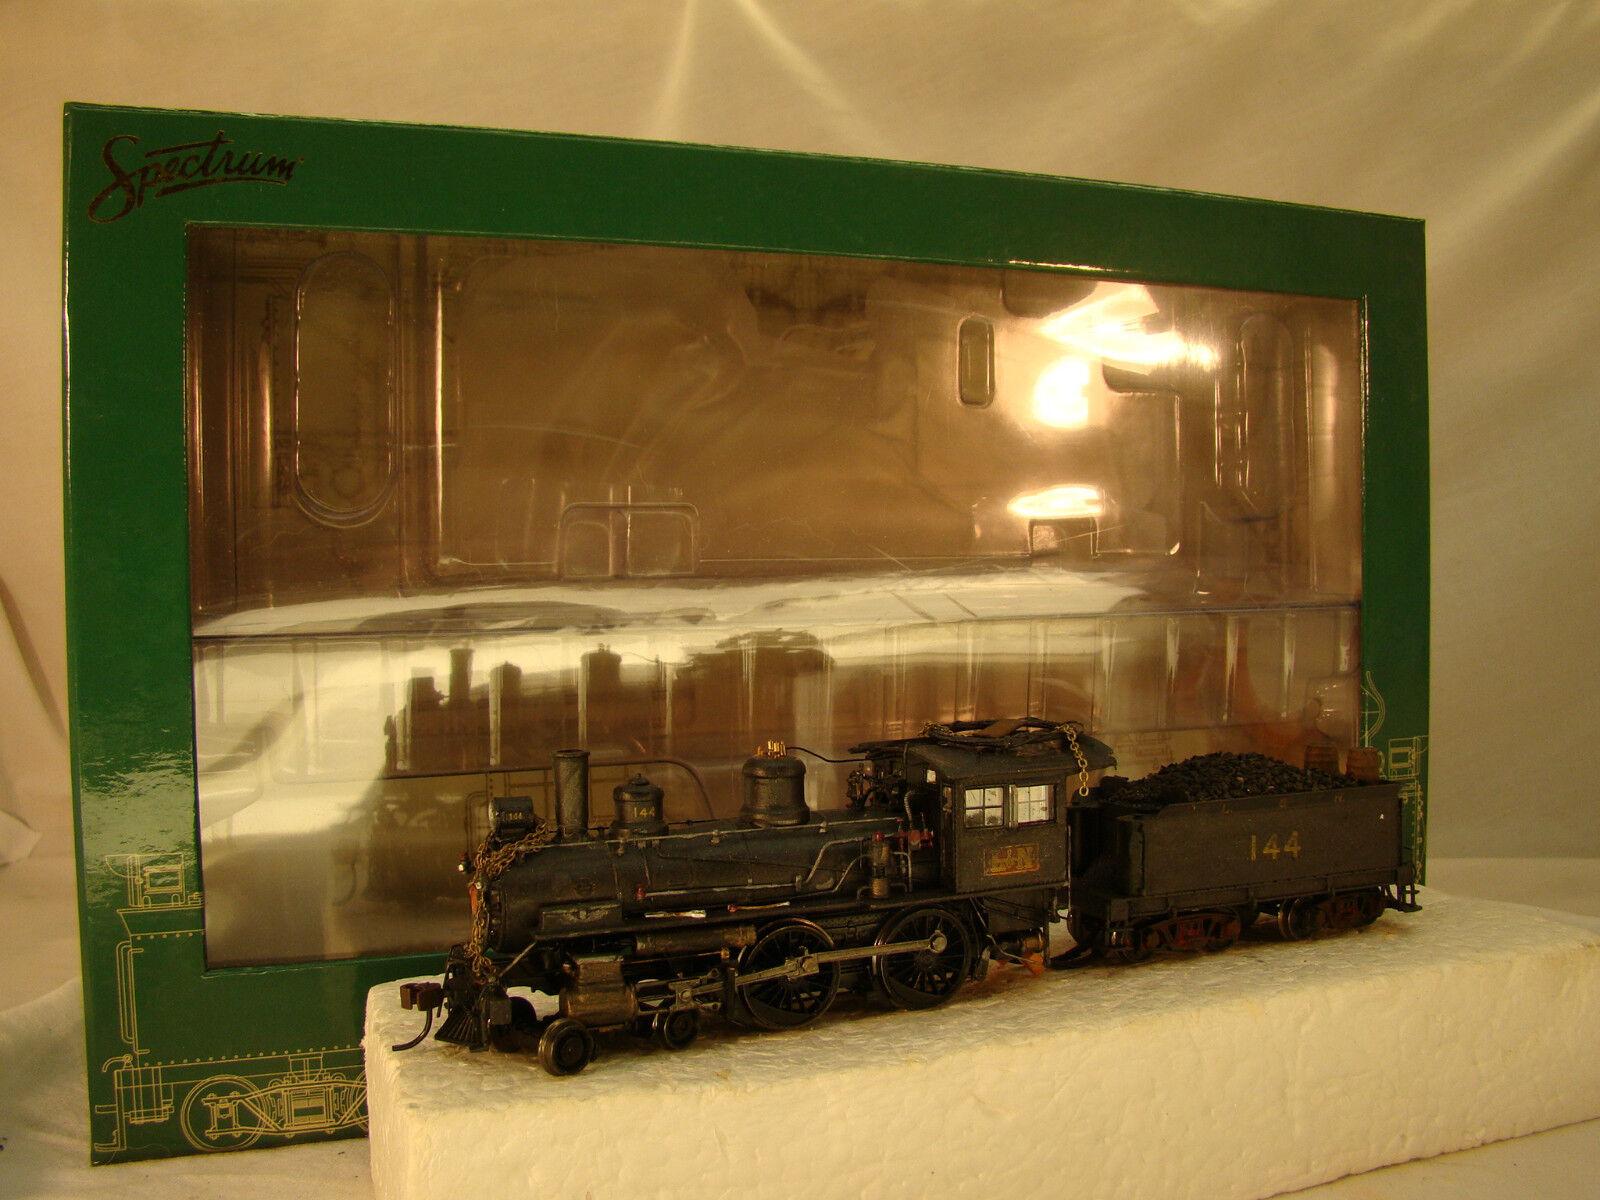 4-4-0 registro de vapor locomotora de Sonido DCC - Personalizado Desgastado por el tiempo-Lote 14-Escala Ho